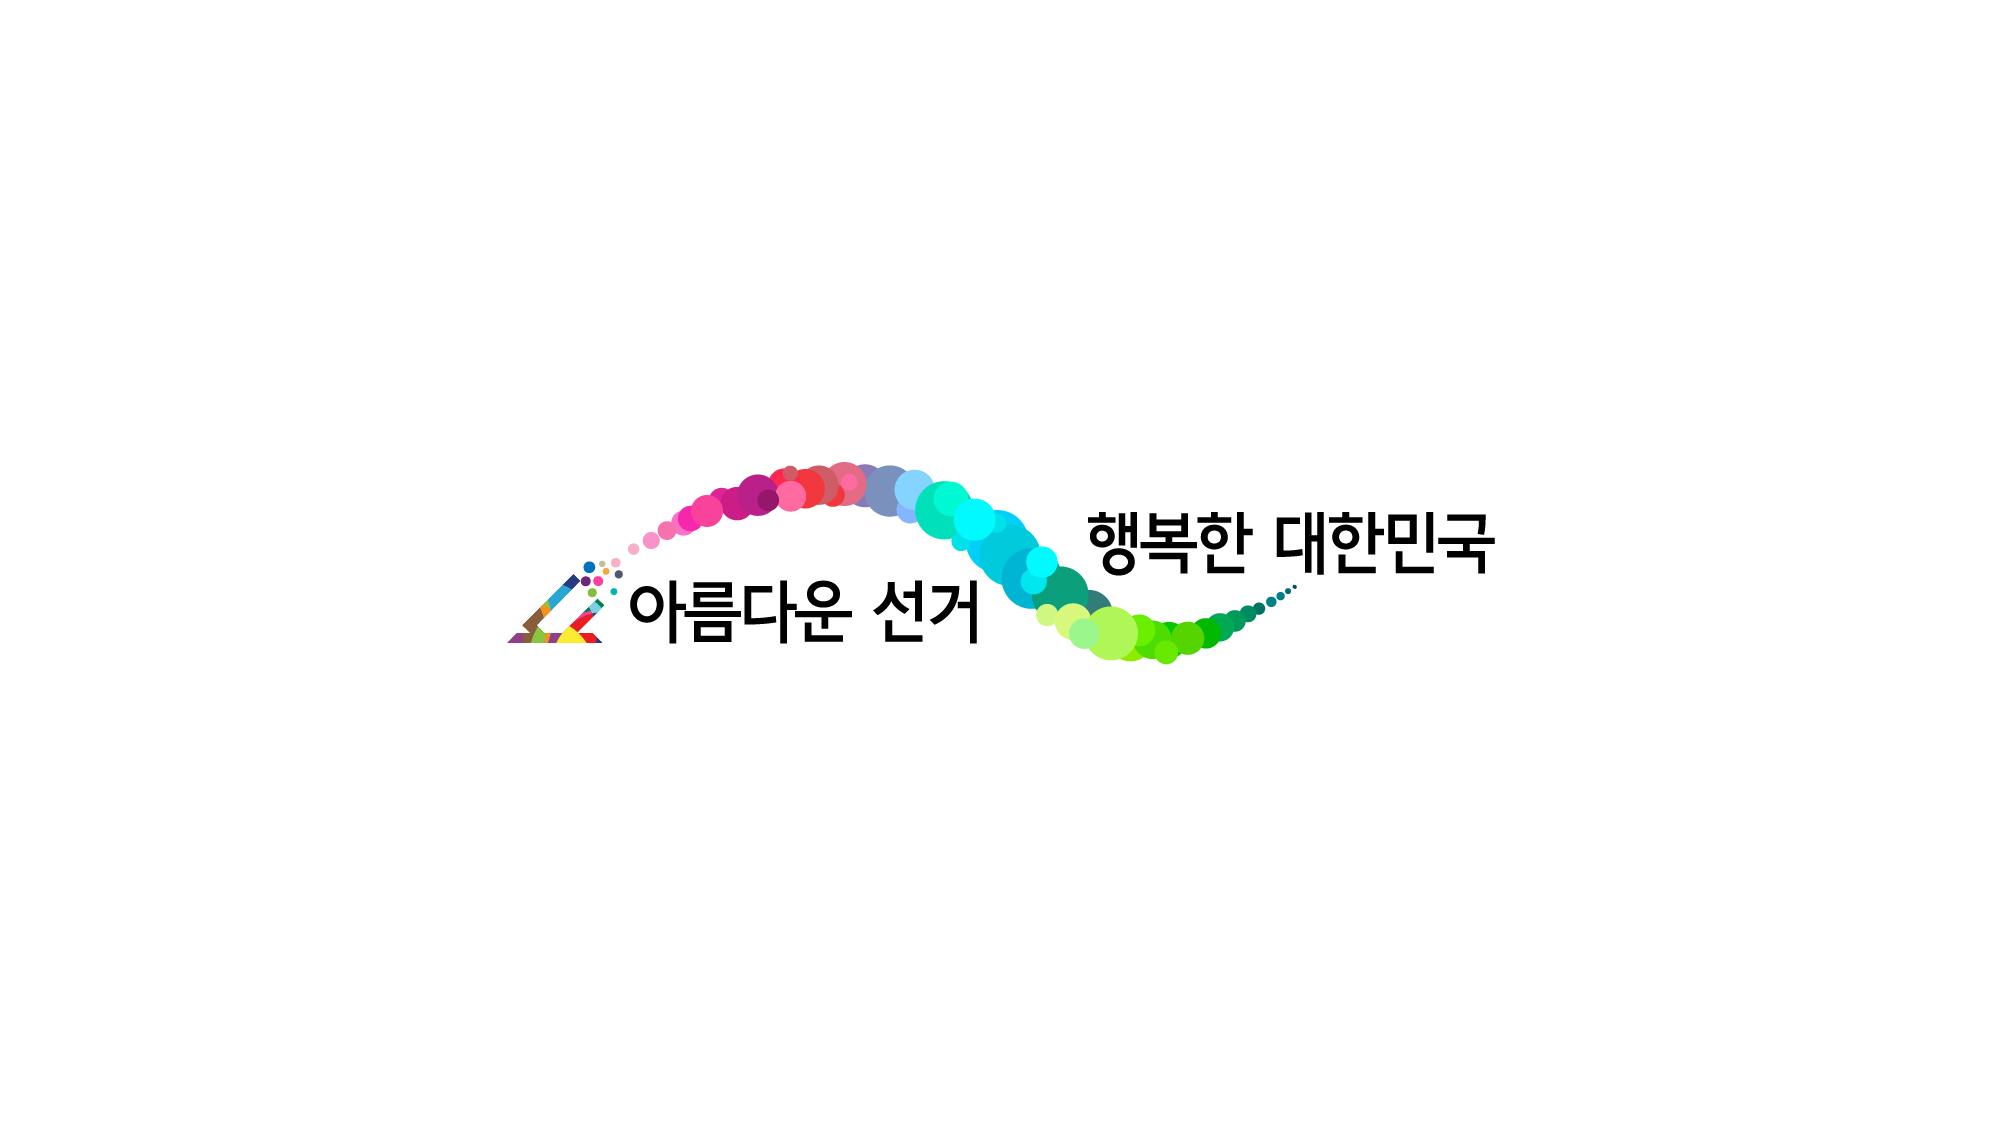 [중앙선거관리위원회]_선거슬로건_v1.3_release_20160203-02